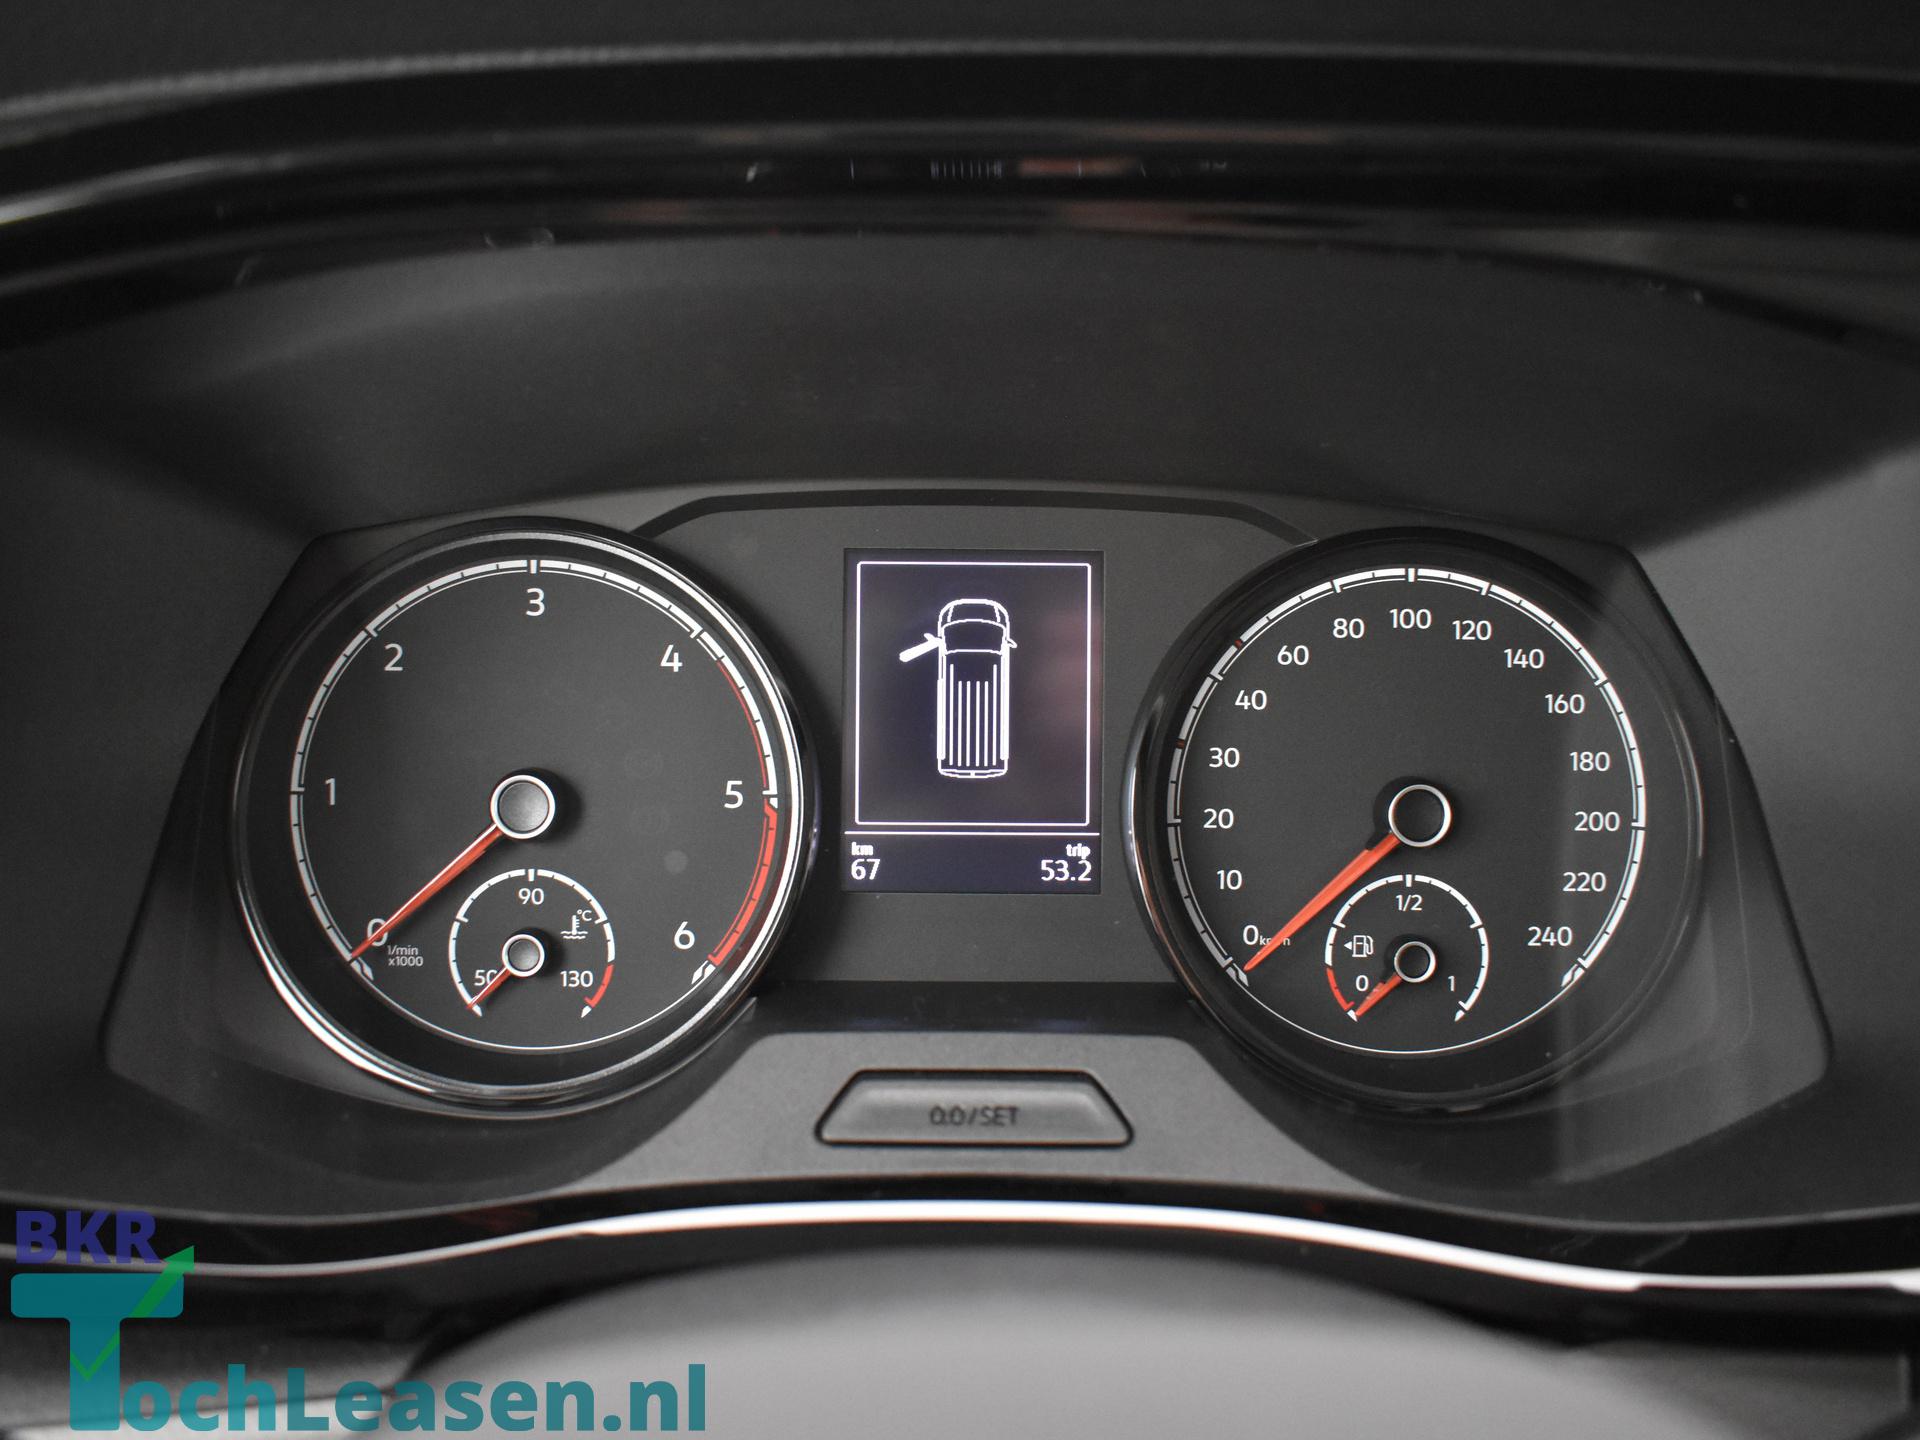 BKR toch leasen Volkswagen Transporter zwart 14